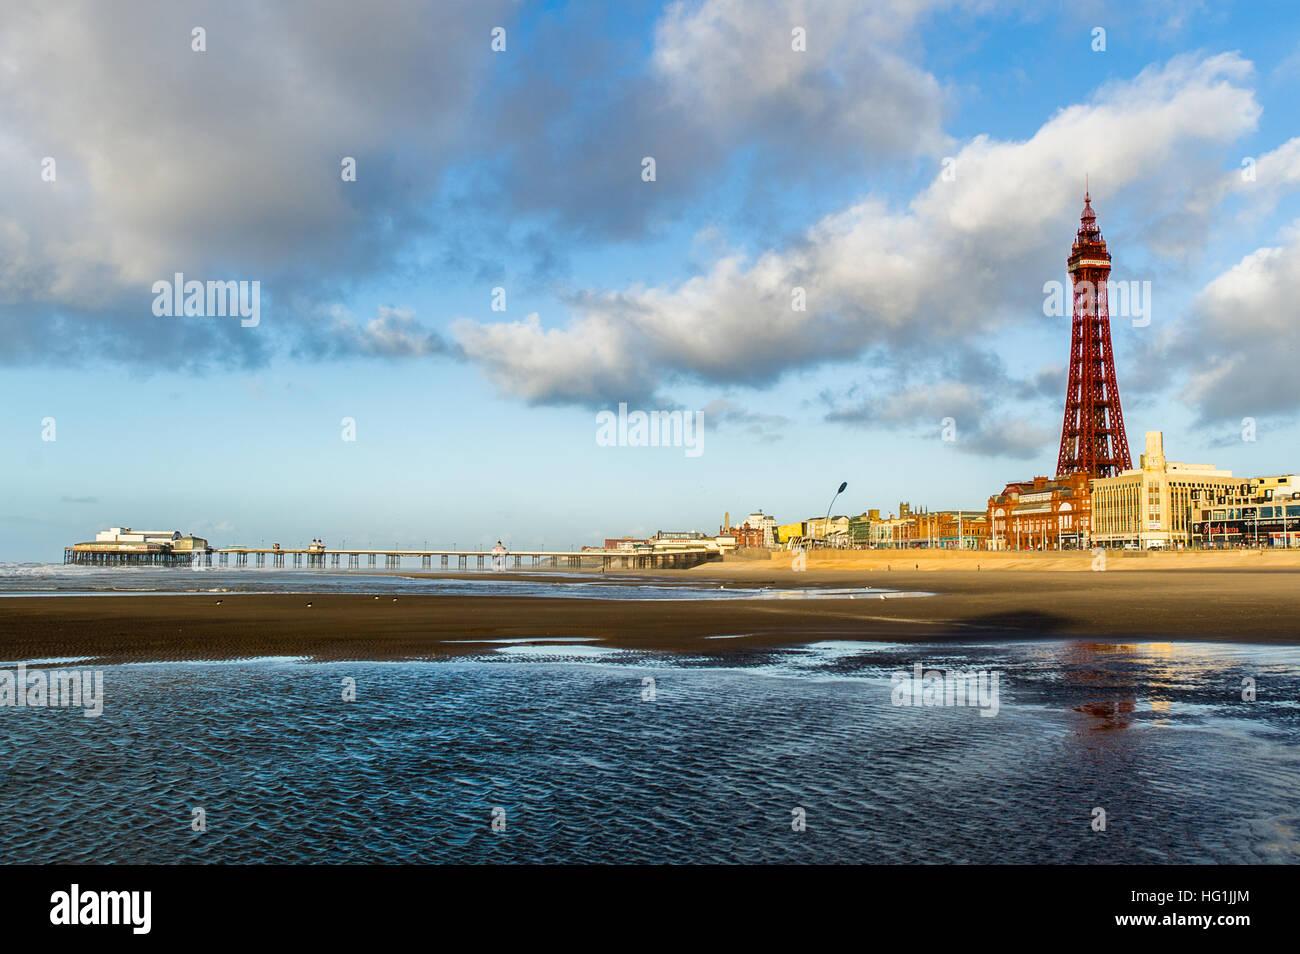 La torre de Blackpool, el Muelle Norte y la playa de Blackpool, Lancashire, Reino Unido, con espacio de copia. Imagen De Stock